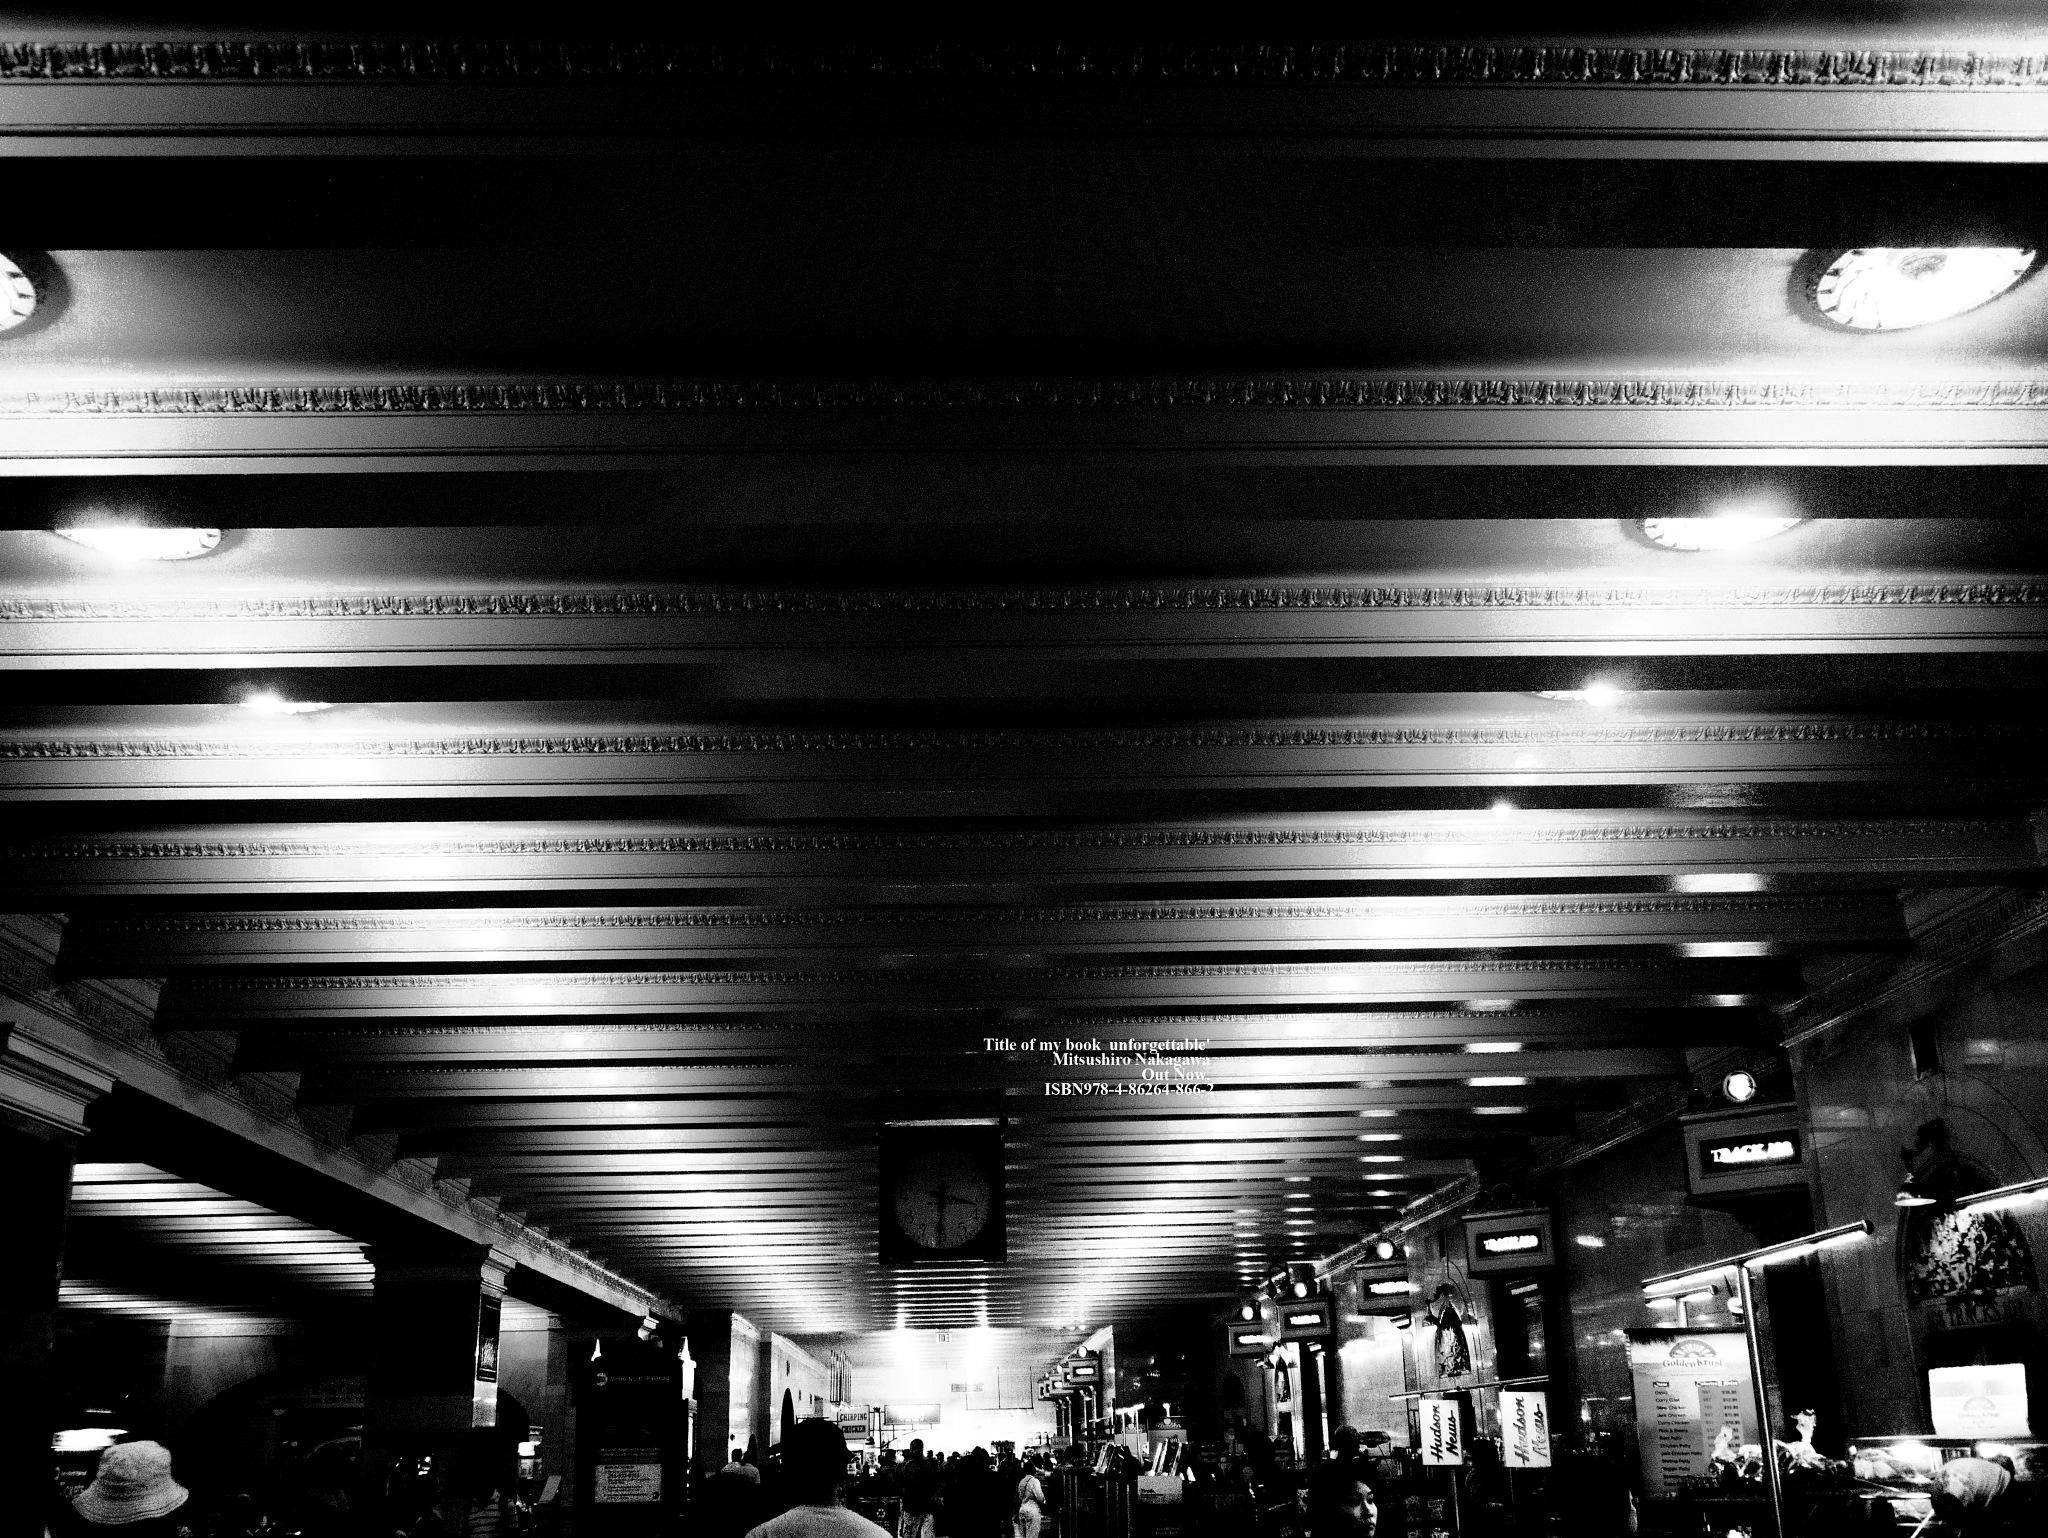 Watch, line and light. by Mitsushiro Nakagawa